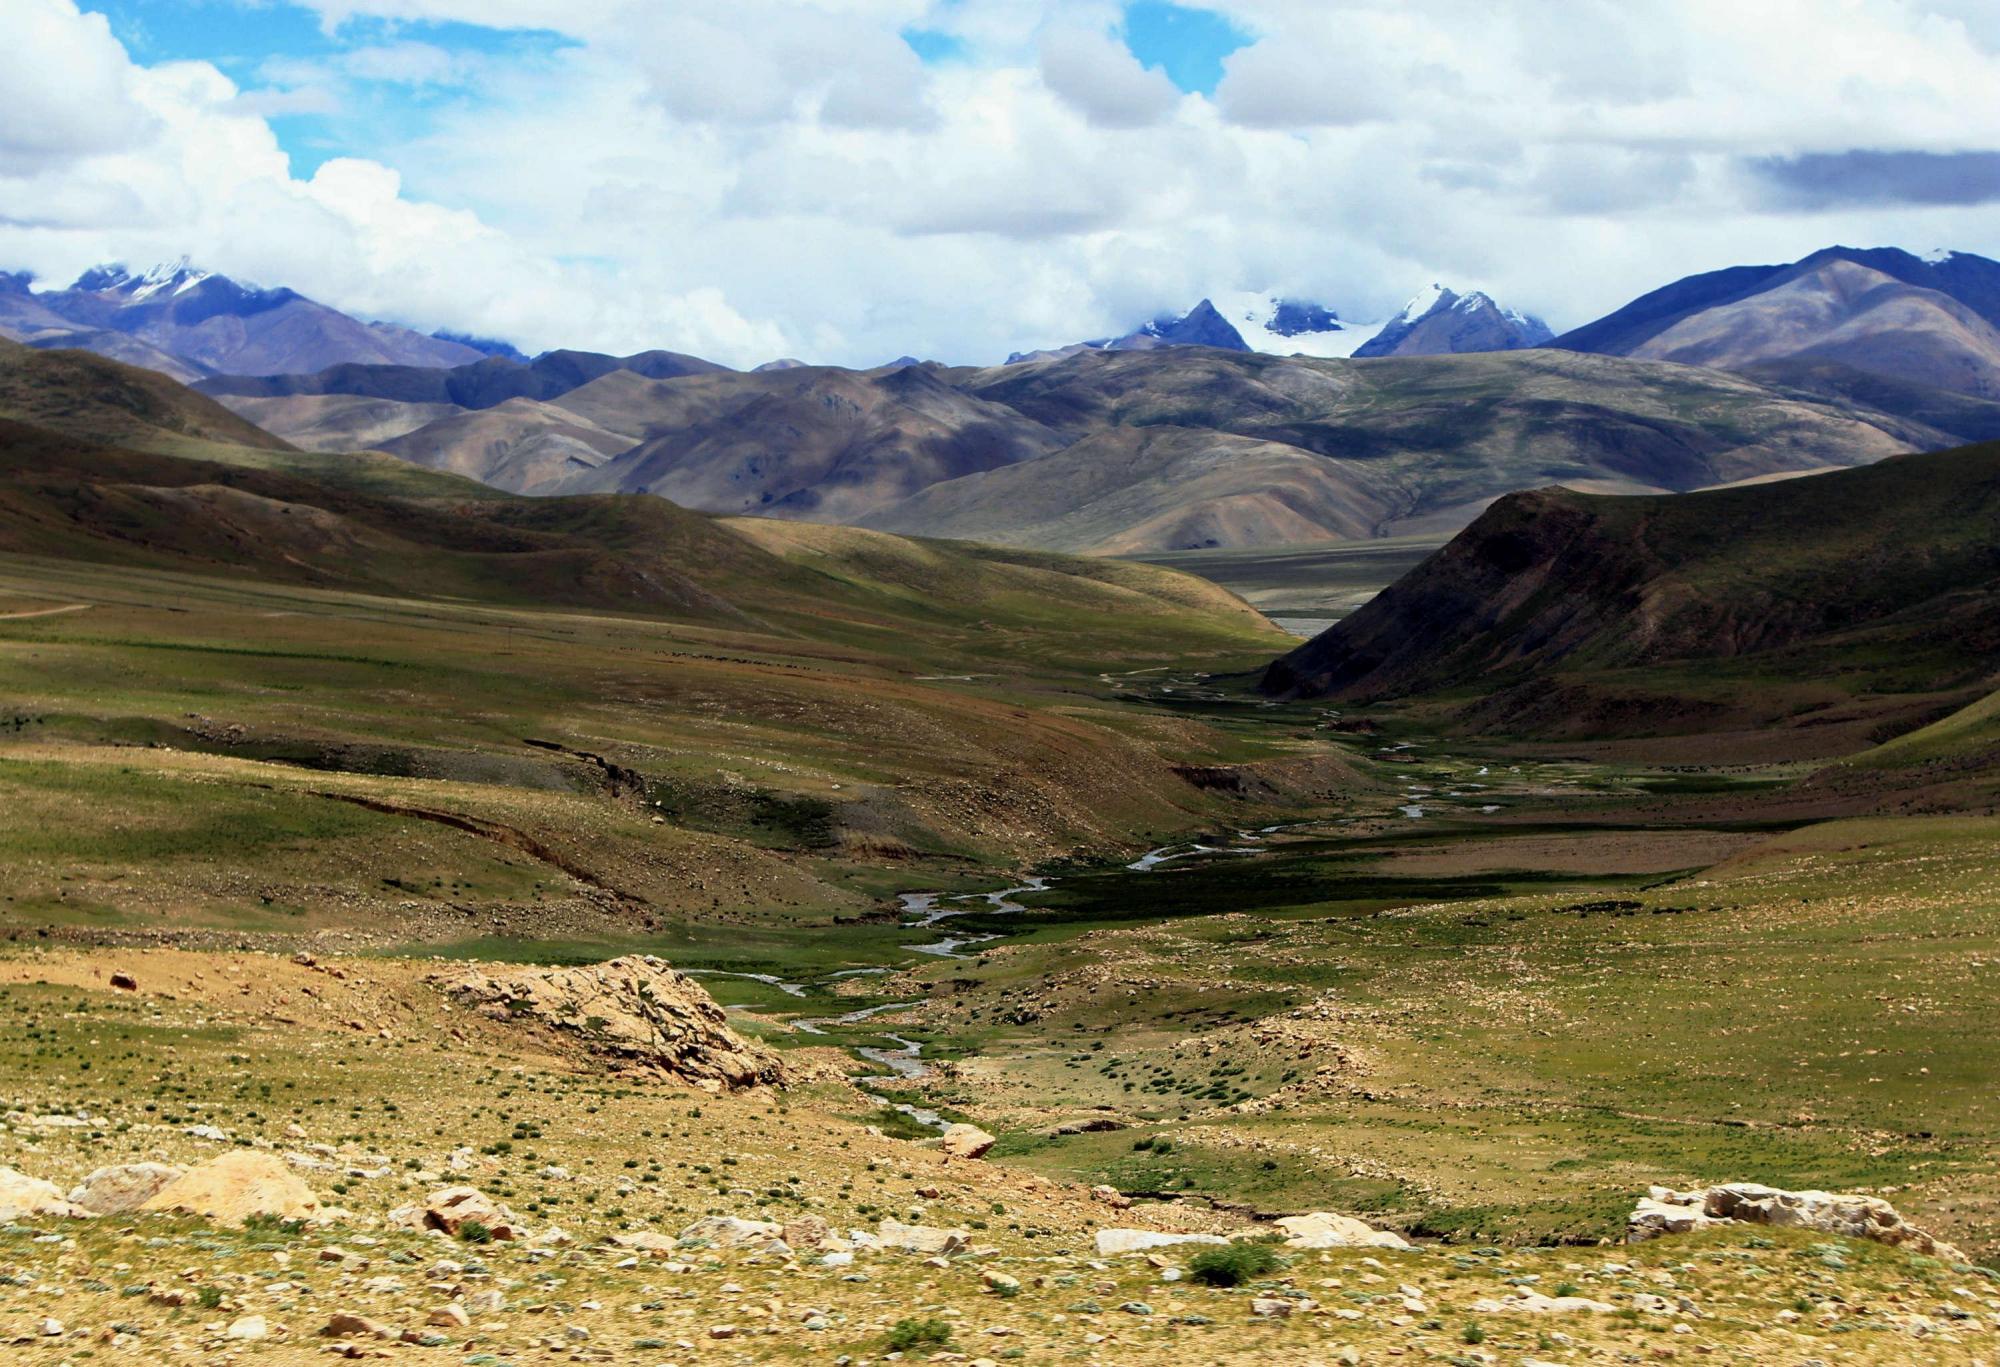 西藏旅游遇见白色帐篷不能进?当地人说出实情:小心姑娘找你摔跤